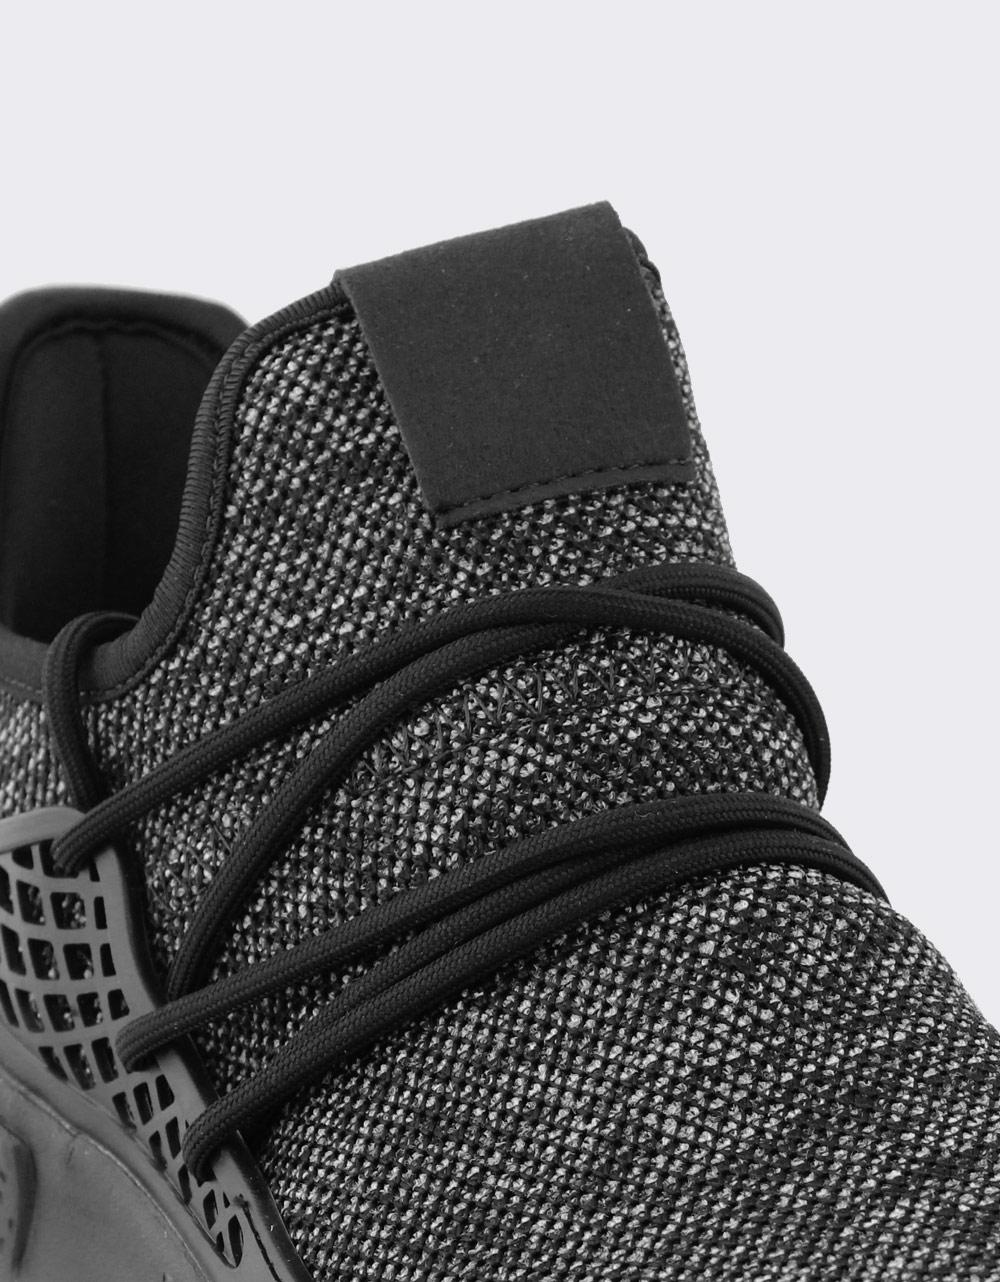 Εικόνα από Ανδρικά sneakers με ανάγλυφα σχέδια Μαύρο/Λευκό